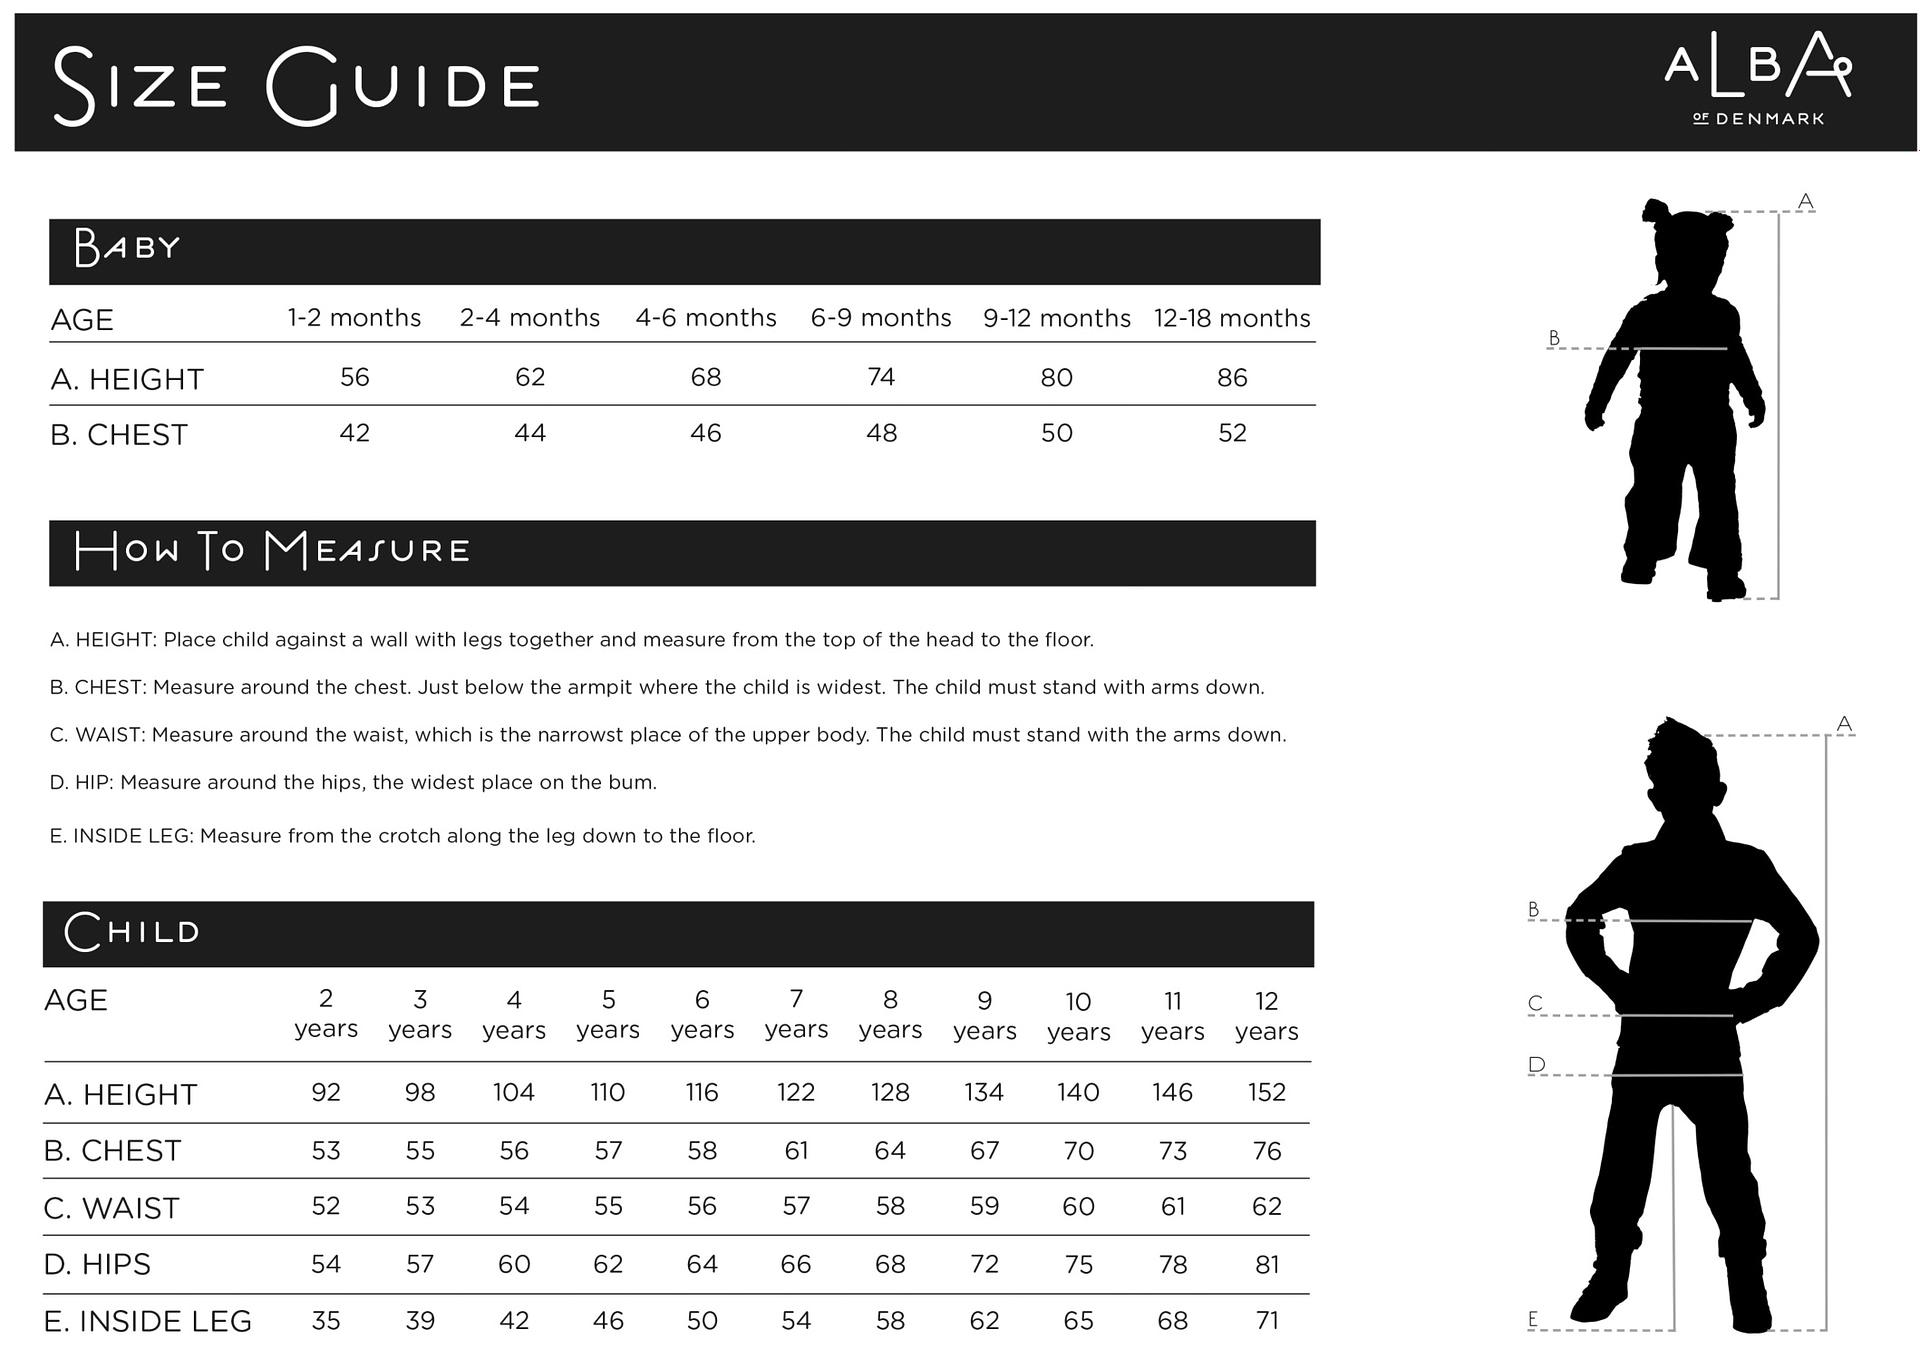 Alba of Denmark size guide